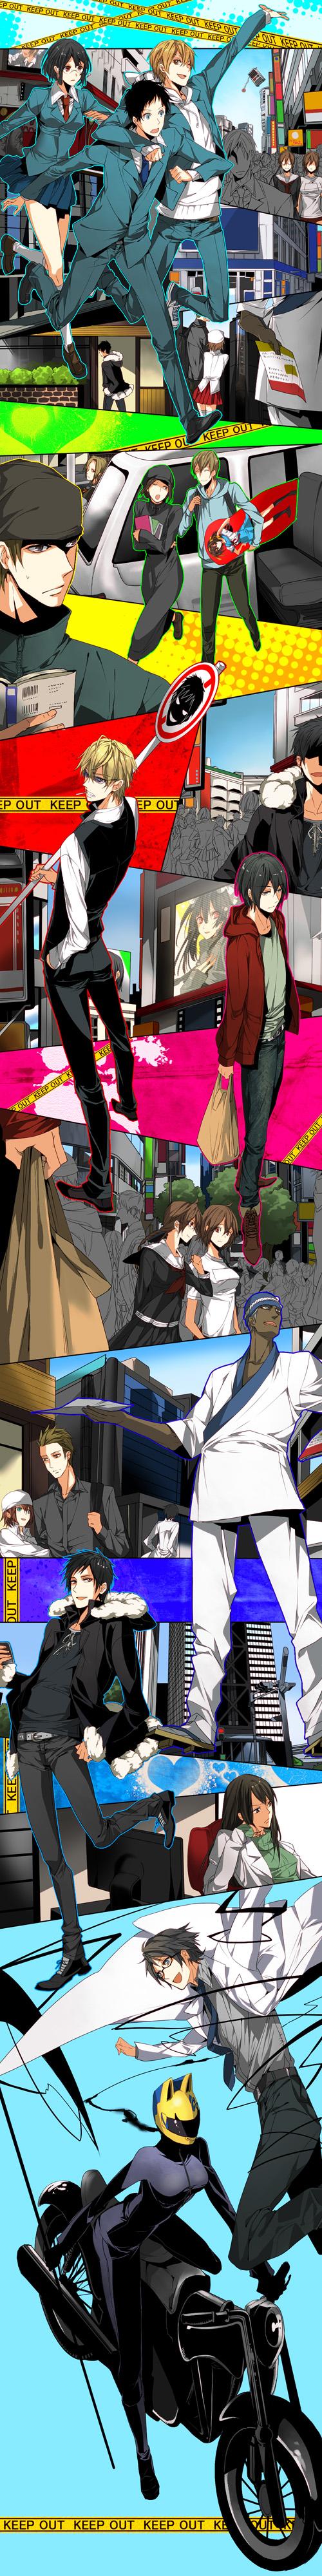 Tags: Anime, Roa Huduki, Suzumiya Haruhi no Yuuutsu, DURARARA!!, Kadota Kyouhei, Harima Mika, Kida Masaomi, Ryuugamine Mikado, Orihara Mairu, Yagiri Seiji, Orihara Izaya, Orihara Kururi, Heiwajima Shizuo